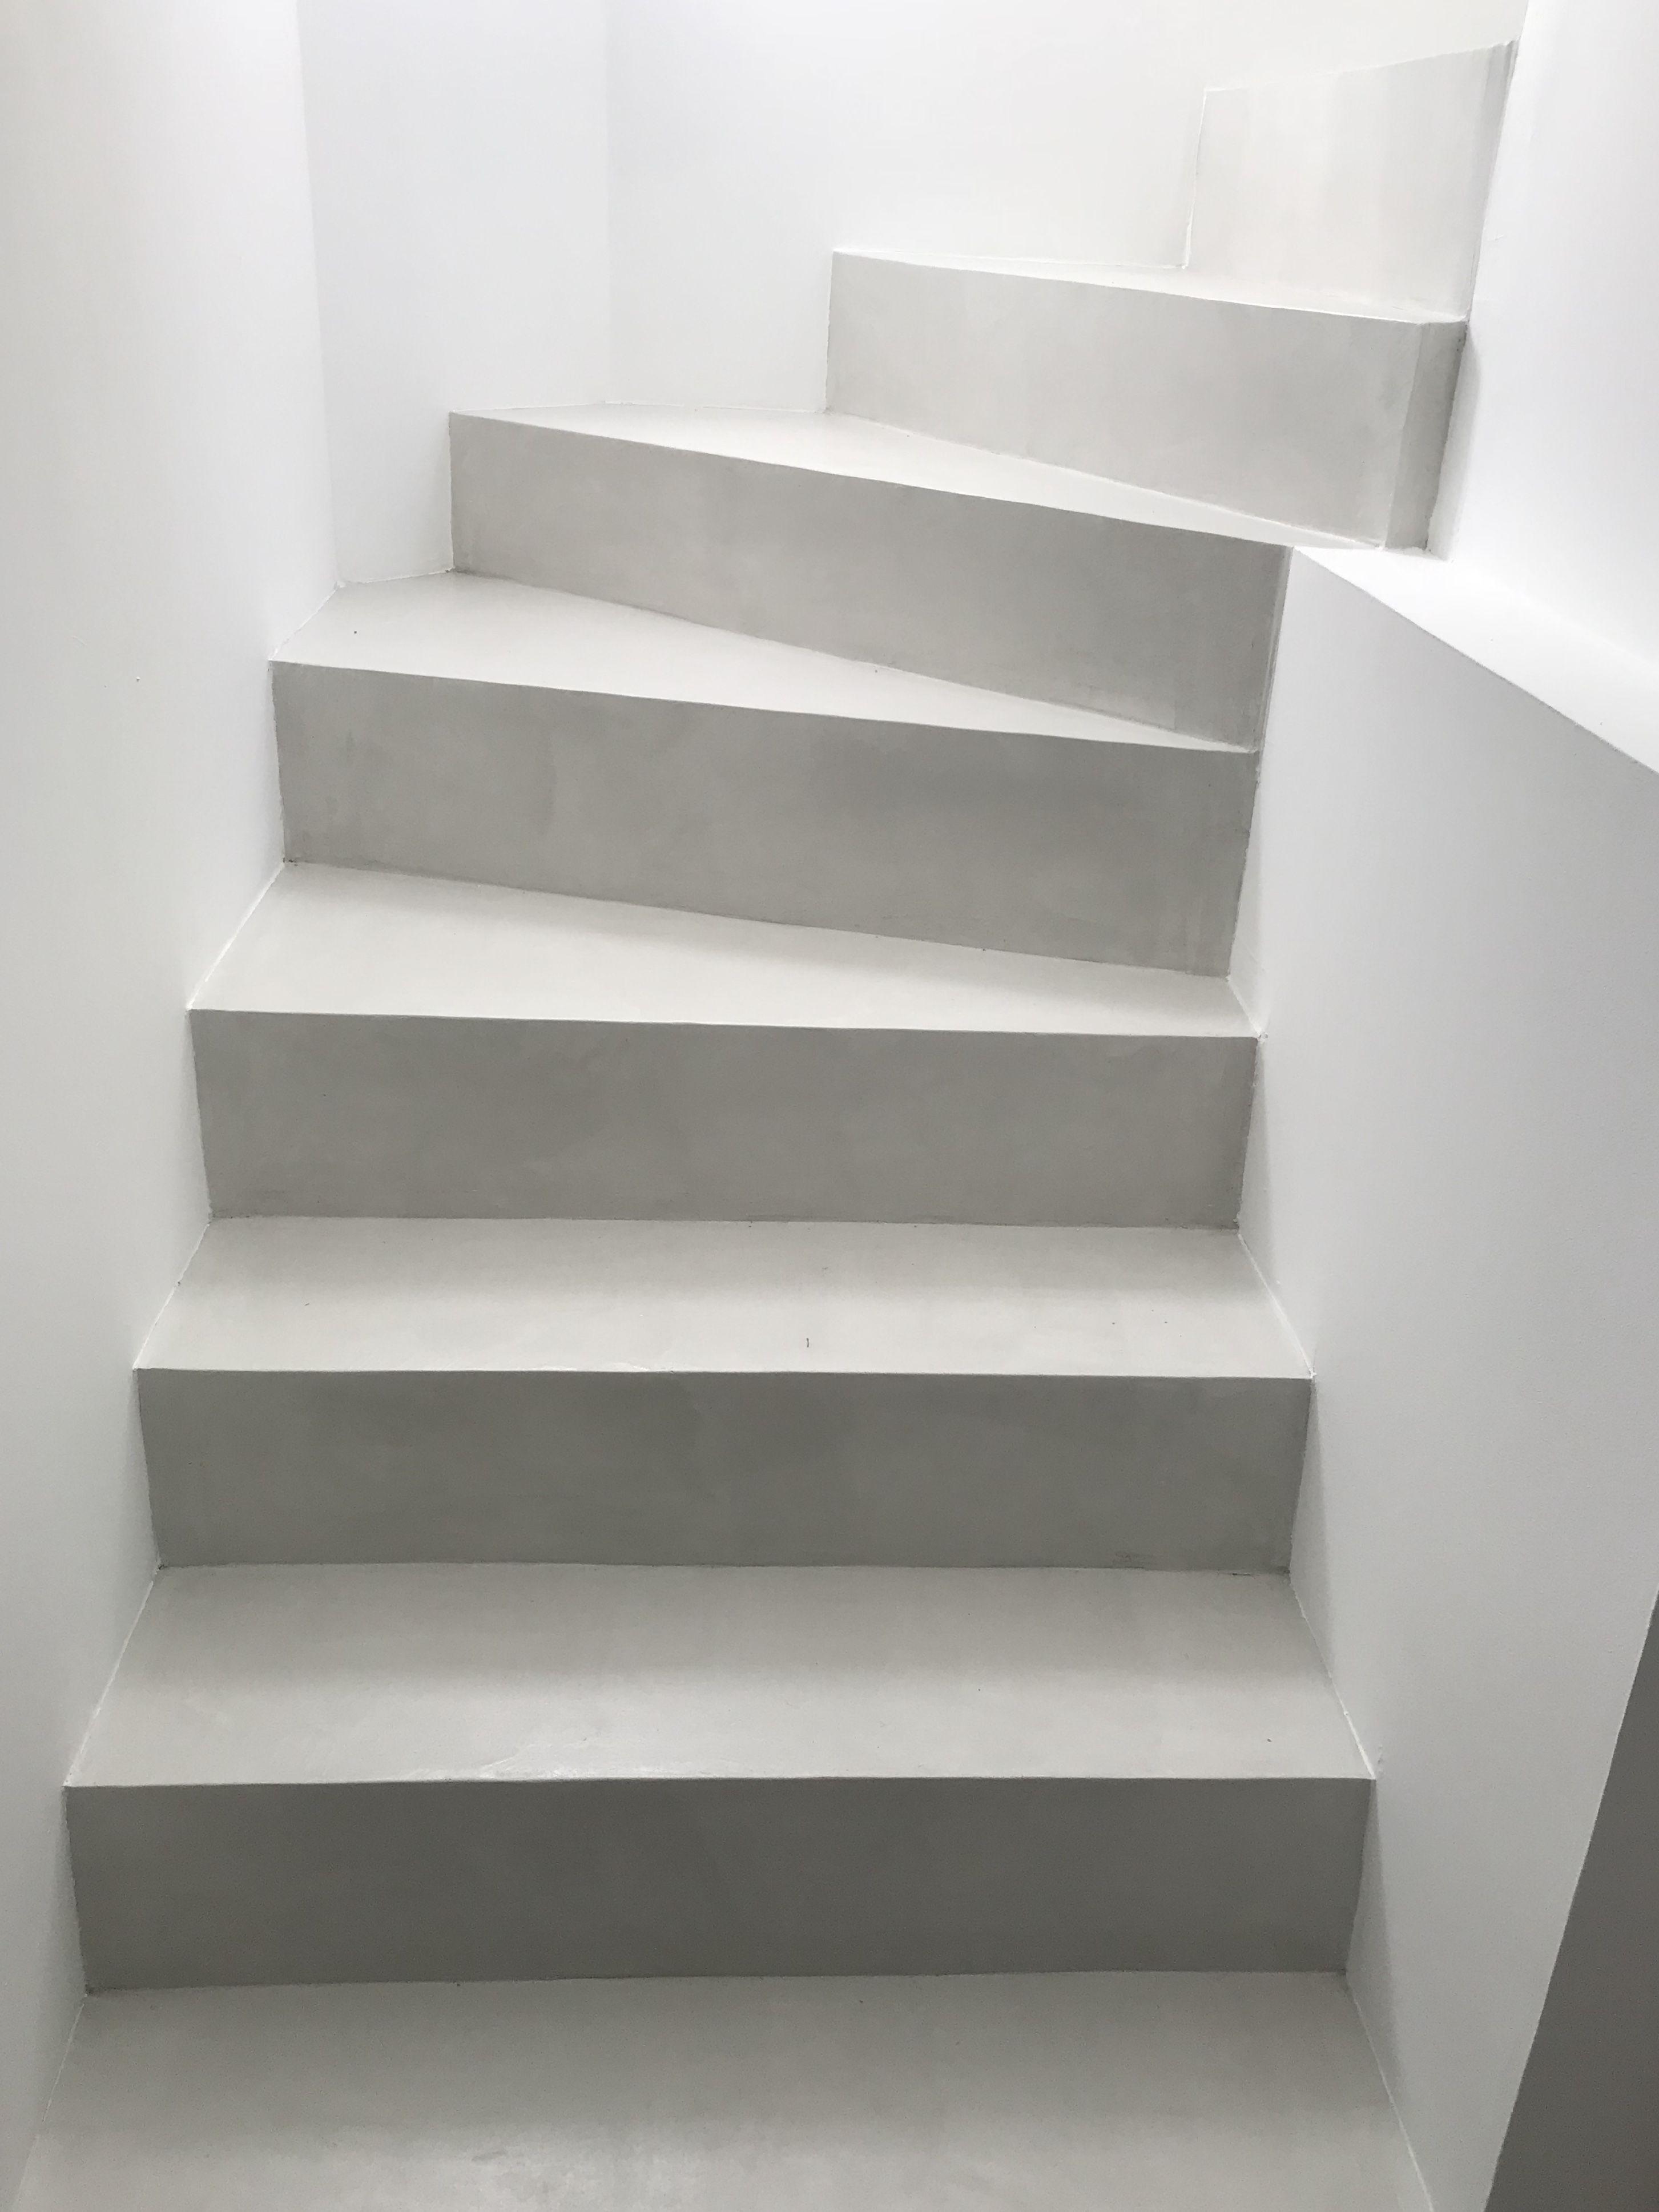 B Cc Escalier En Beton Cire Couleur Voile Ma S Avec Images